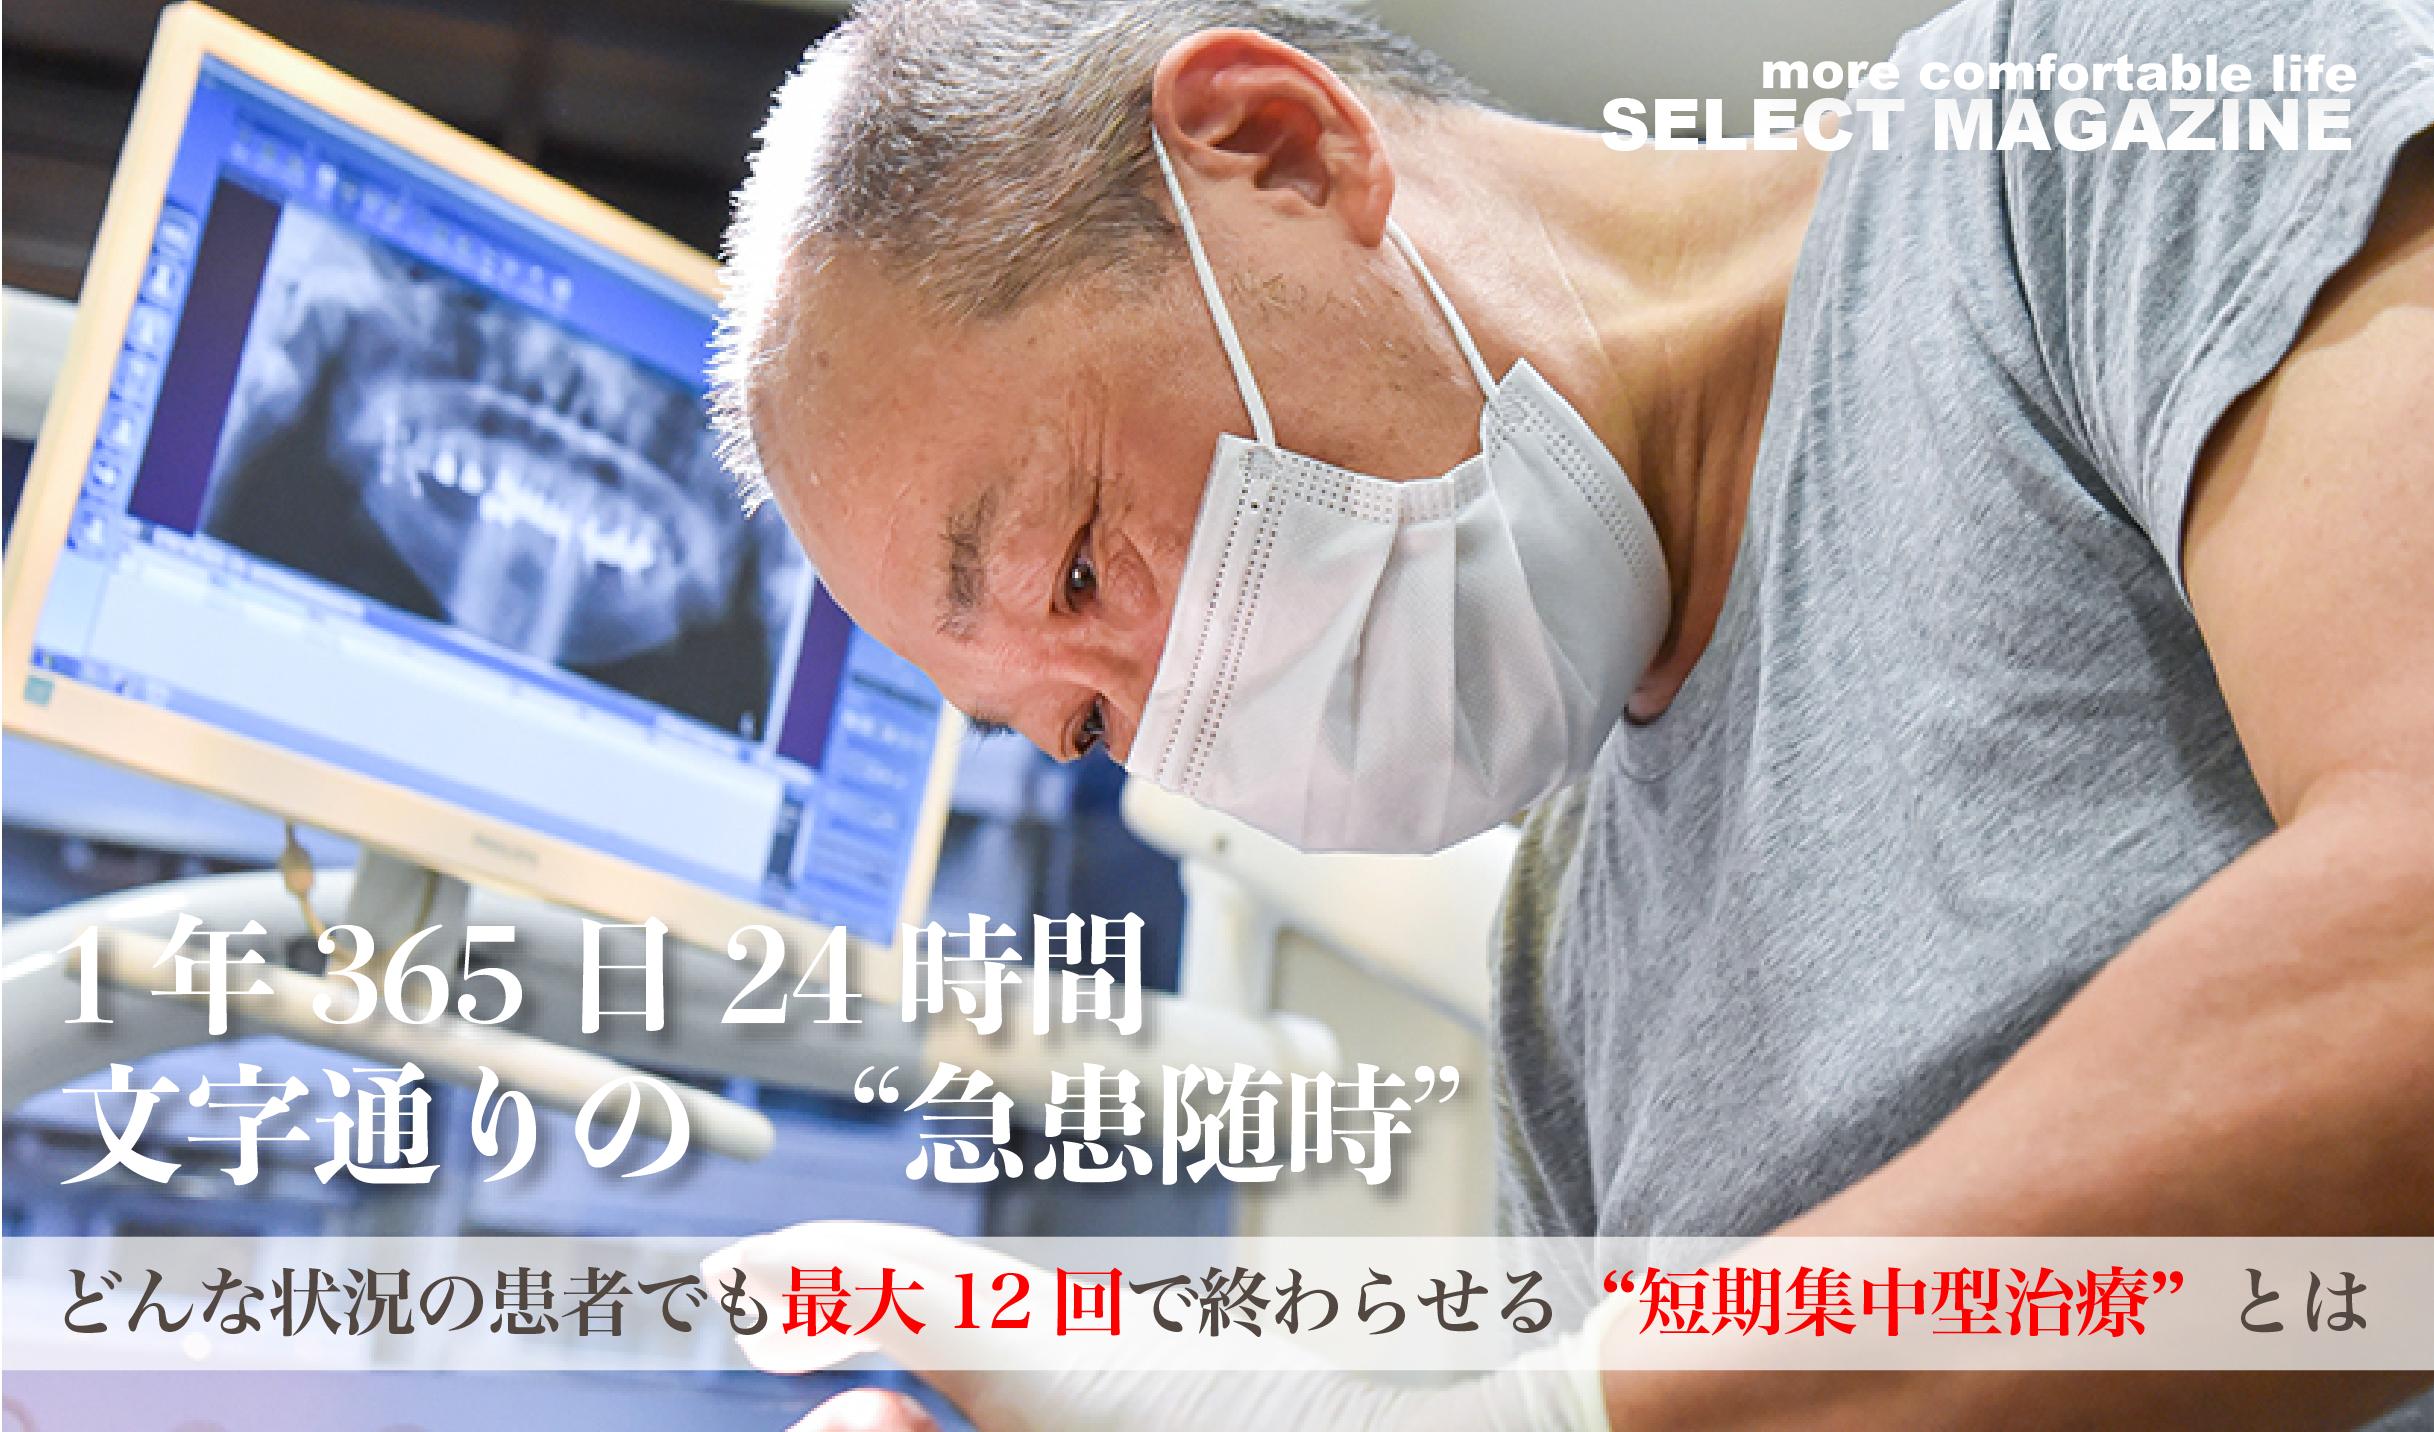 「お困りごとは今直ぐ解決!」と豪語する患者満足度120%の『三ノ輪歯科』を直撃